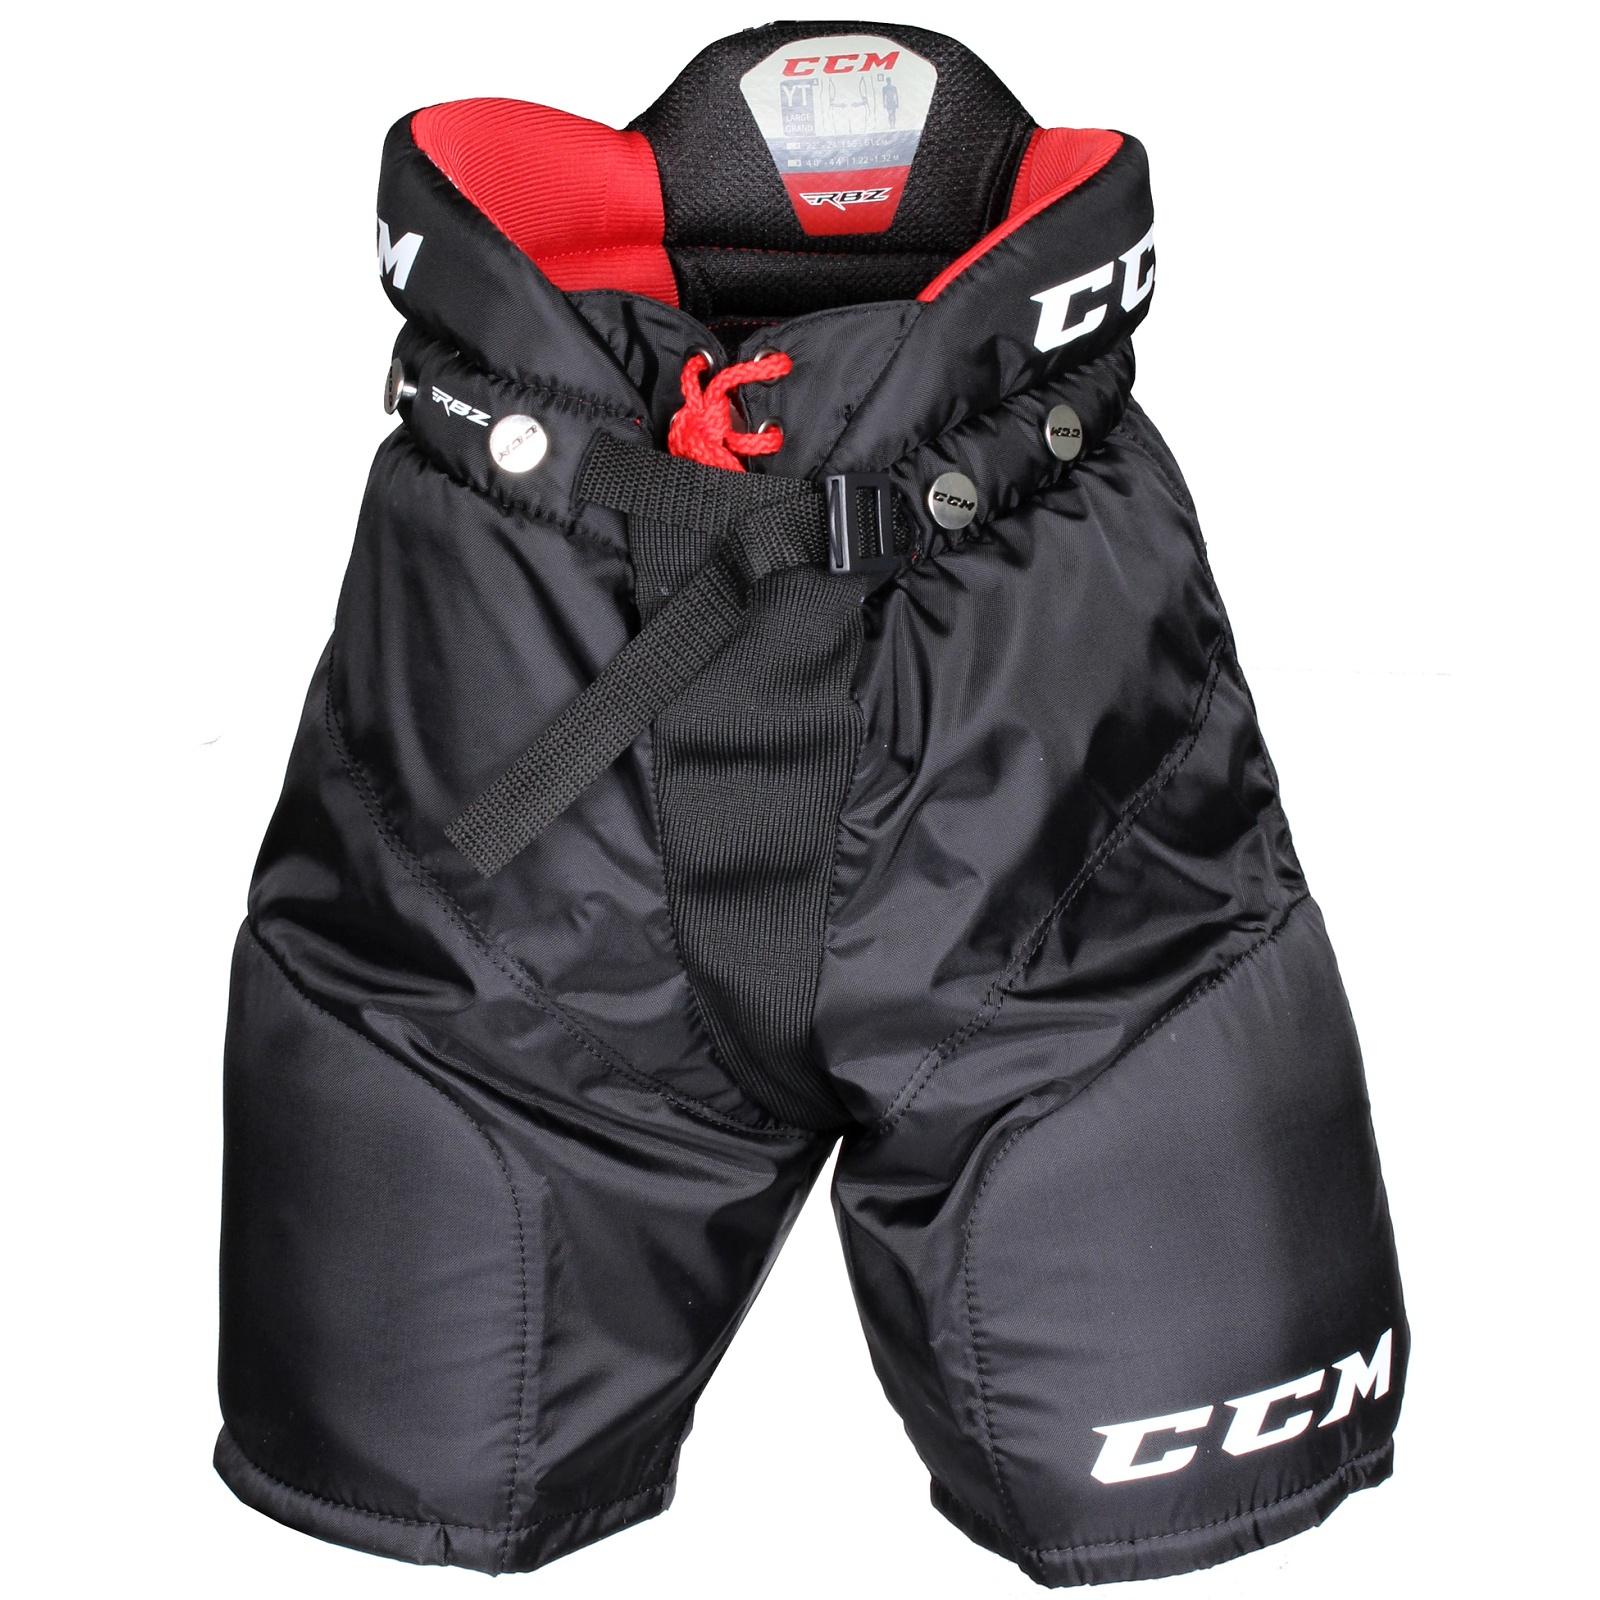 Kalhoty hráčské CCM RBZ 90 dětské černé - vel. M